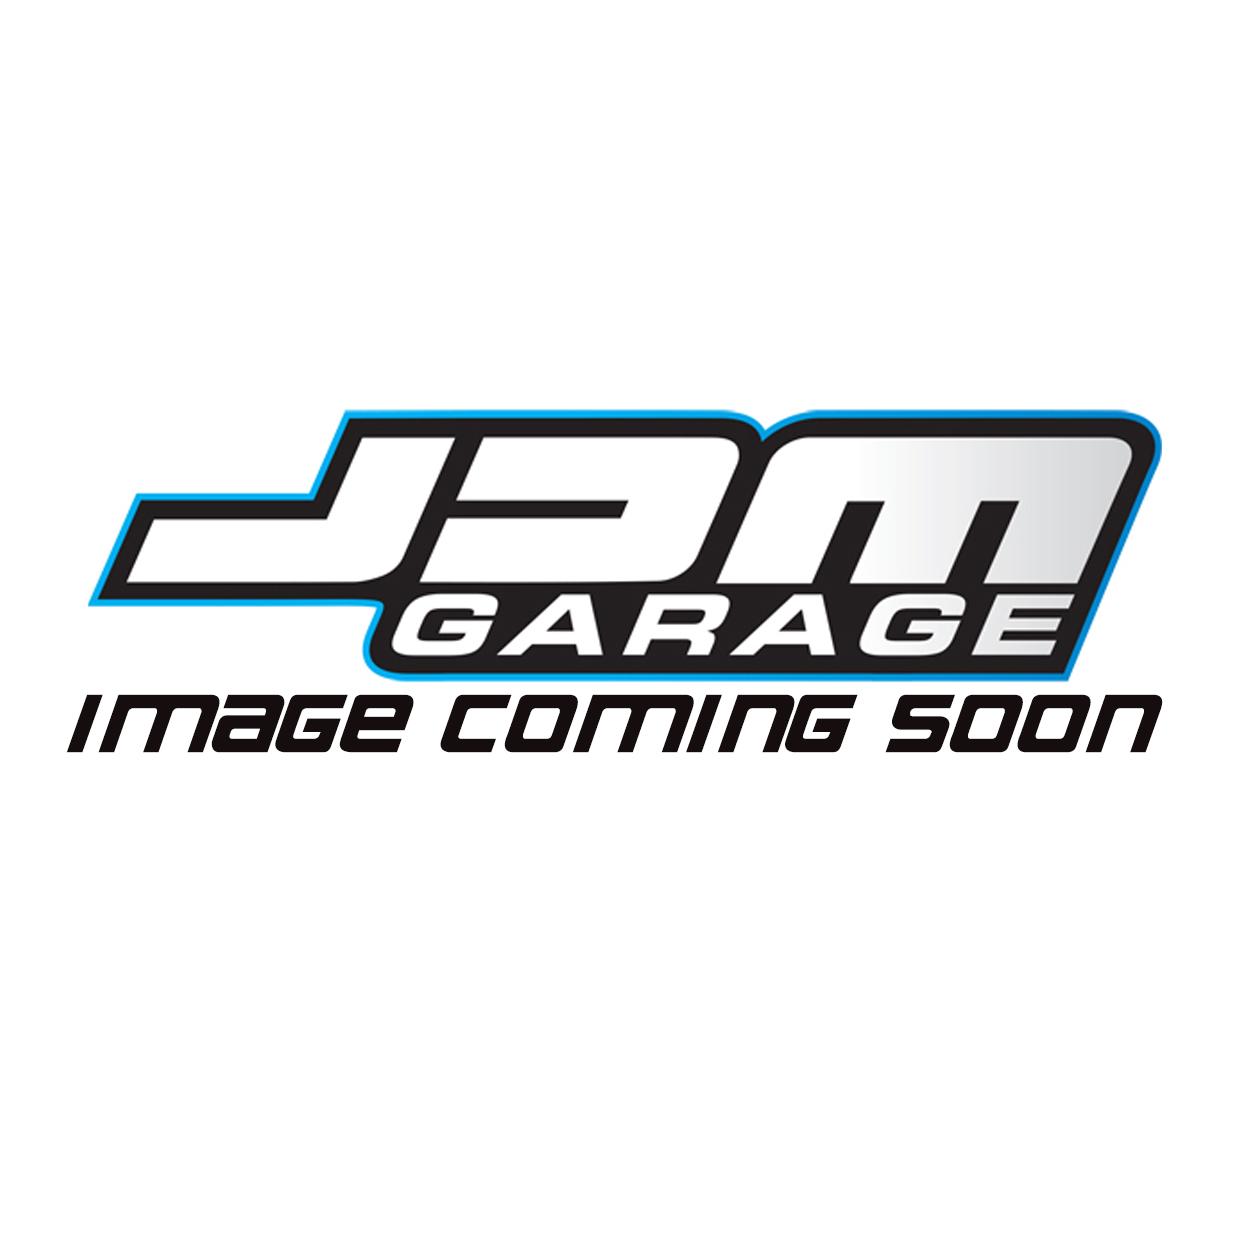 HKS Super Oil Subaru EJ20 7.5W-42 1Ltr / 4Ltr / 20Ltr